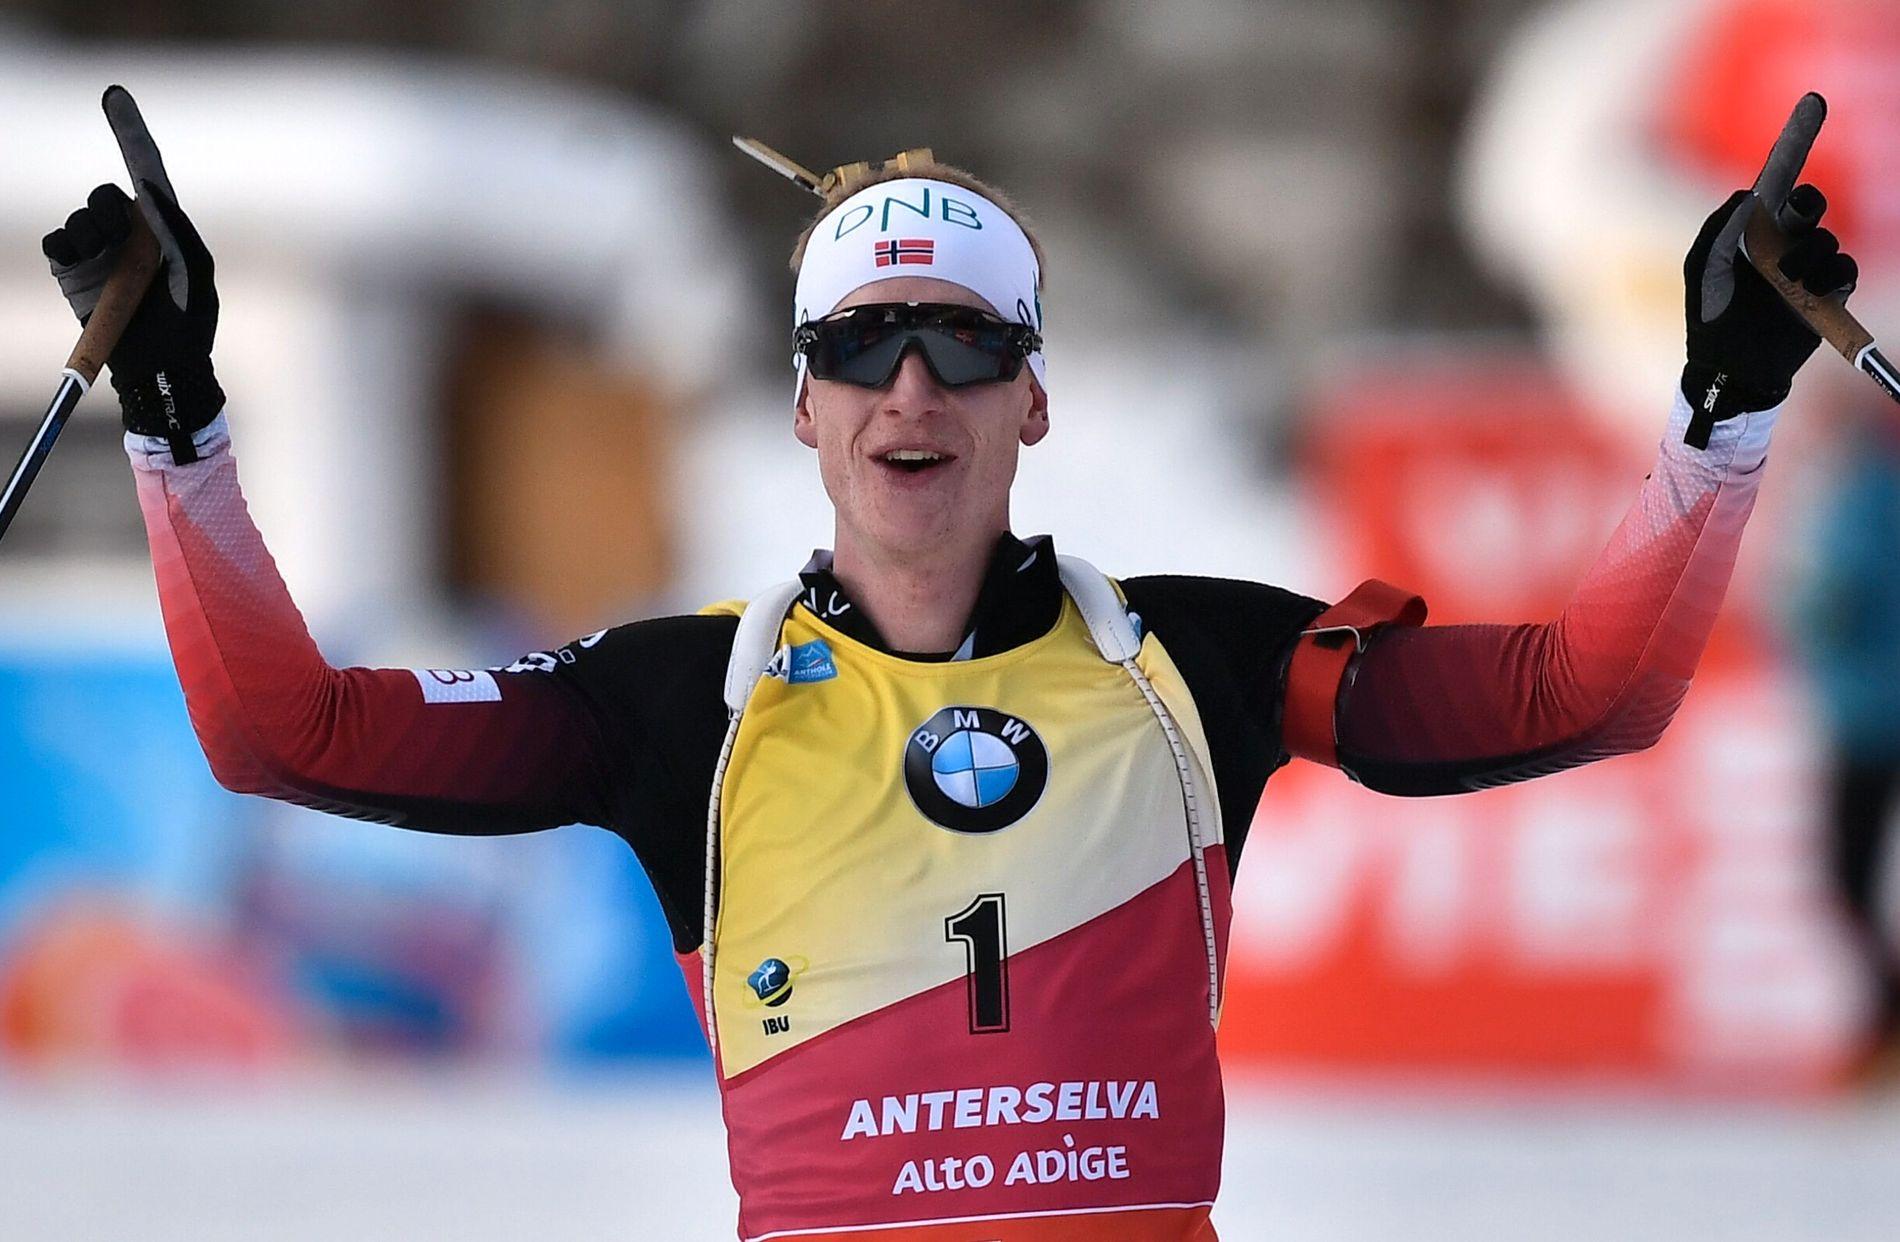 EN ENER: Johannes Thingnes Bø går inn til seier på jaktstarten i Anterselva sist helg.